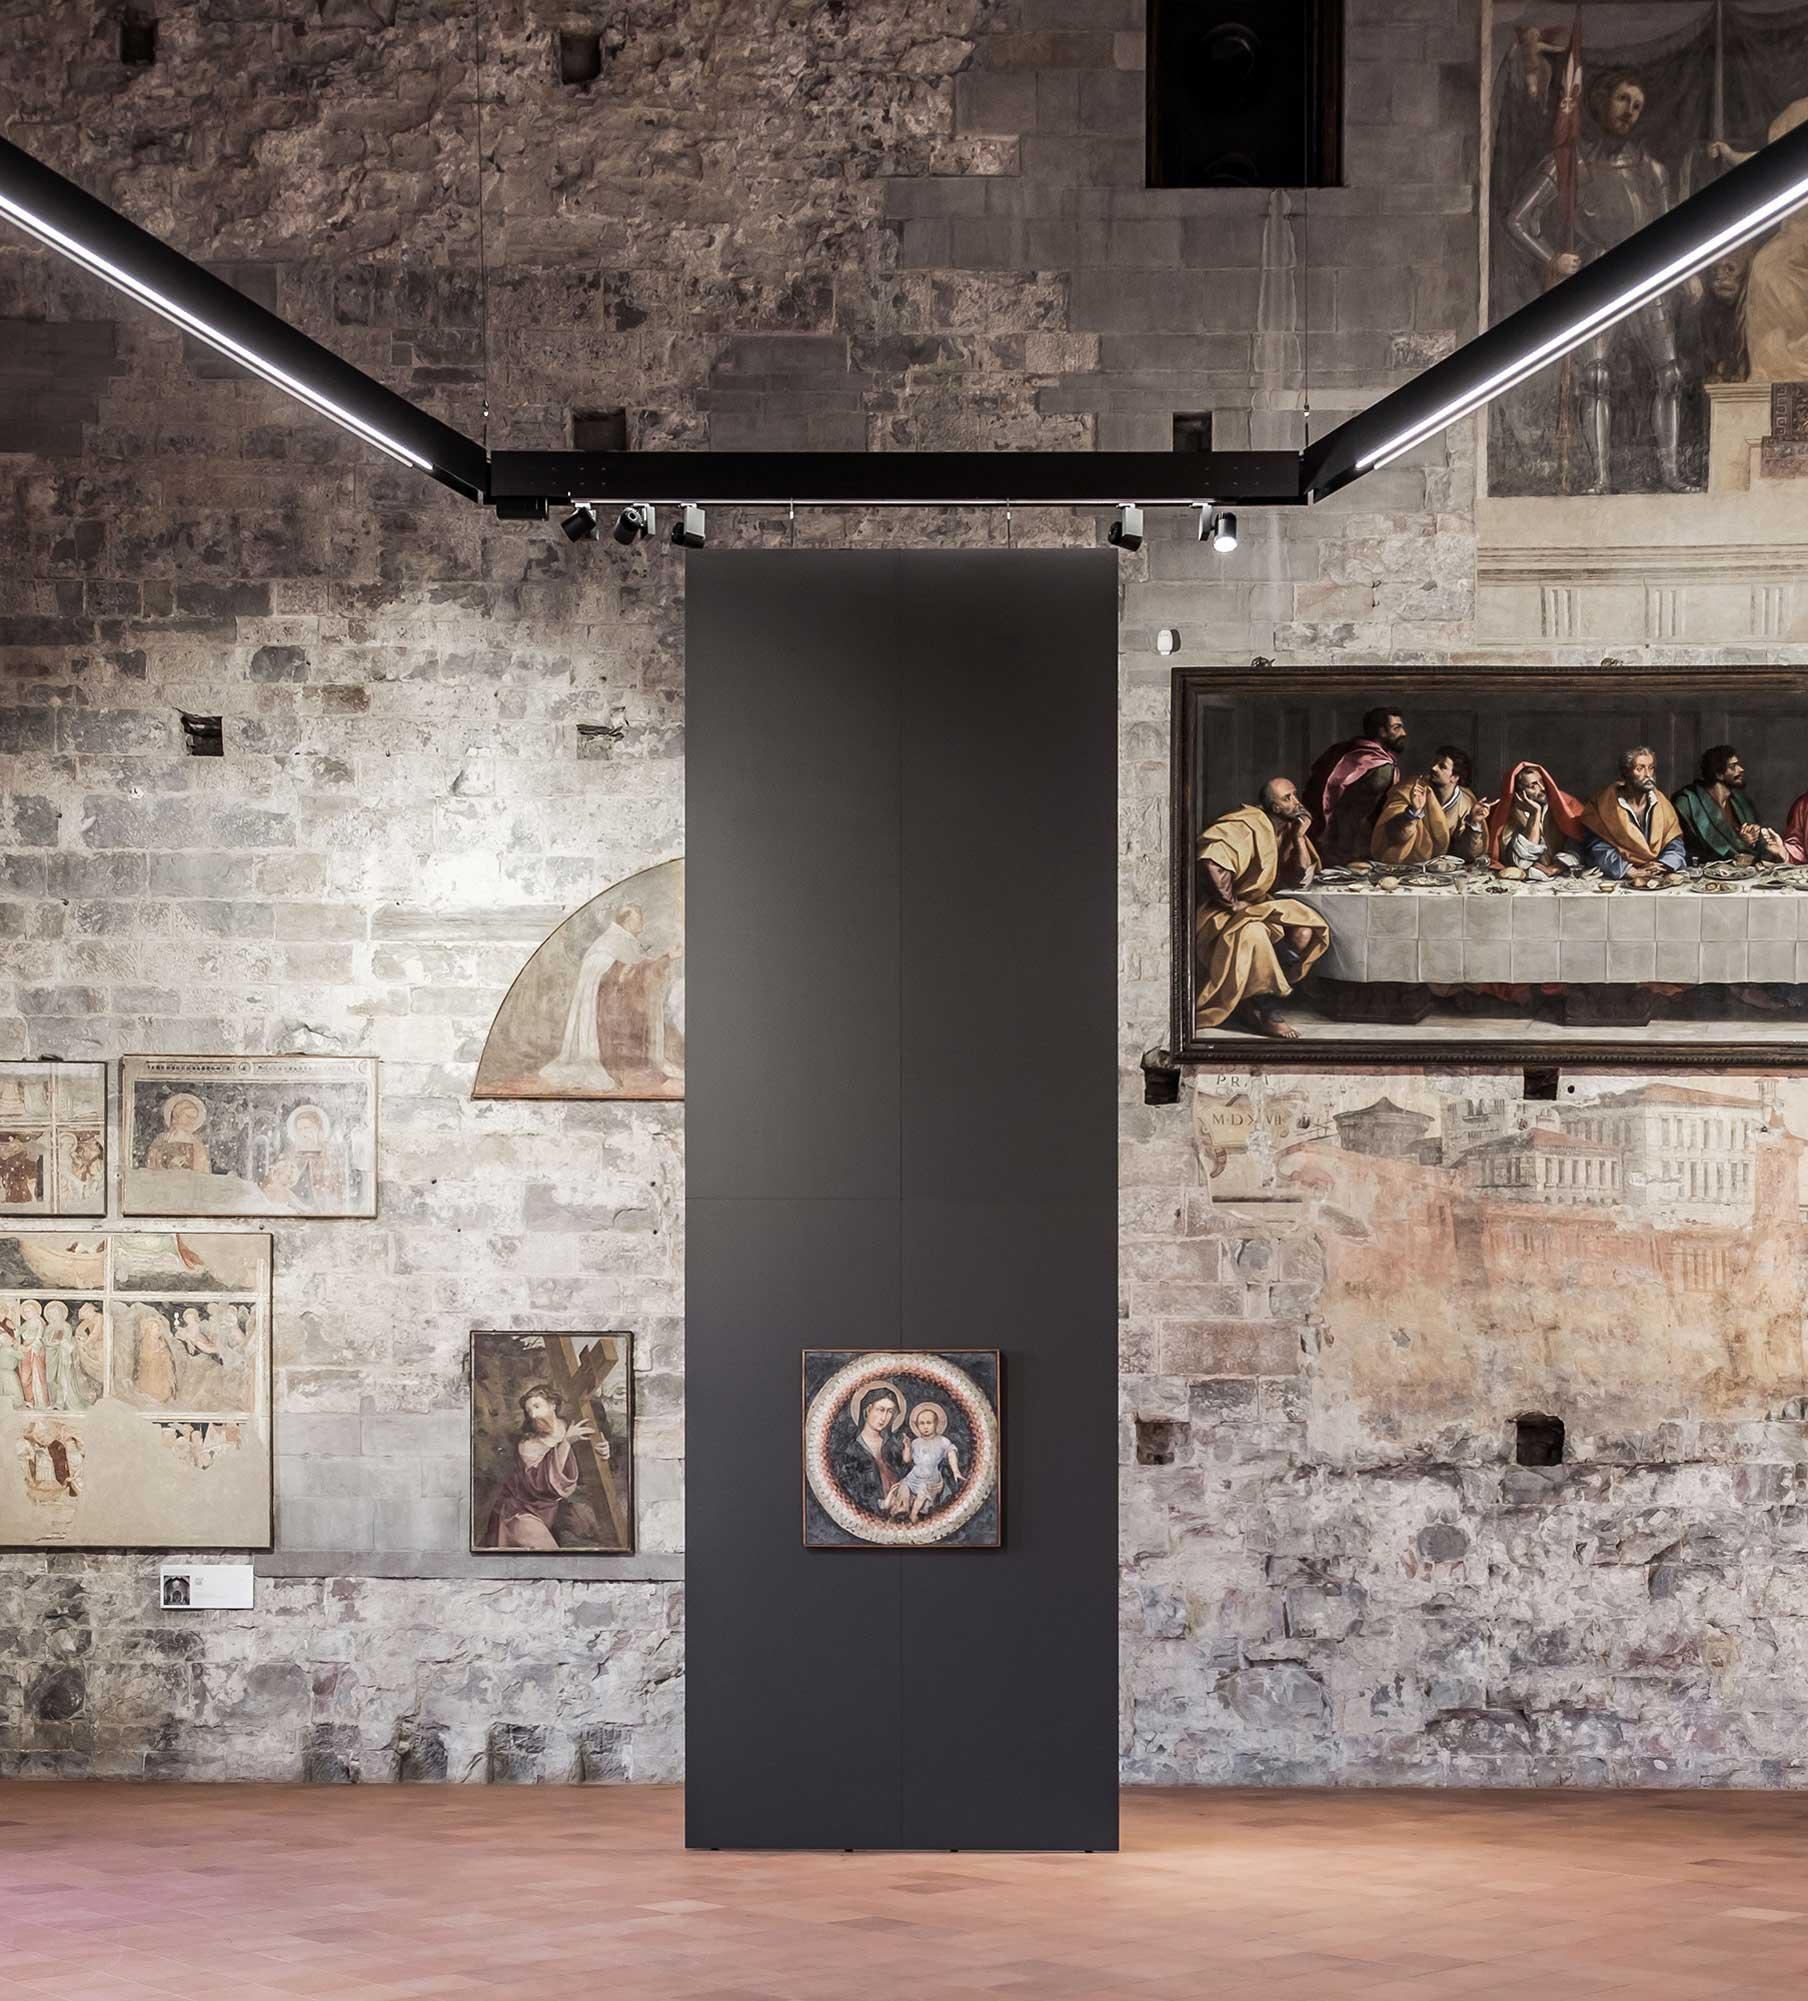 Schermi Sala della Capriate